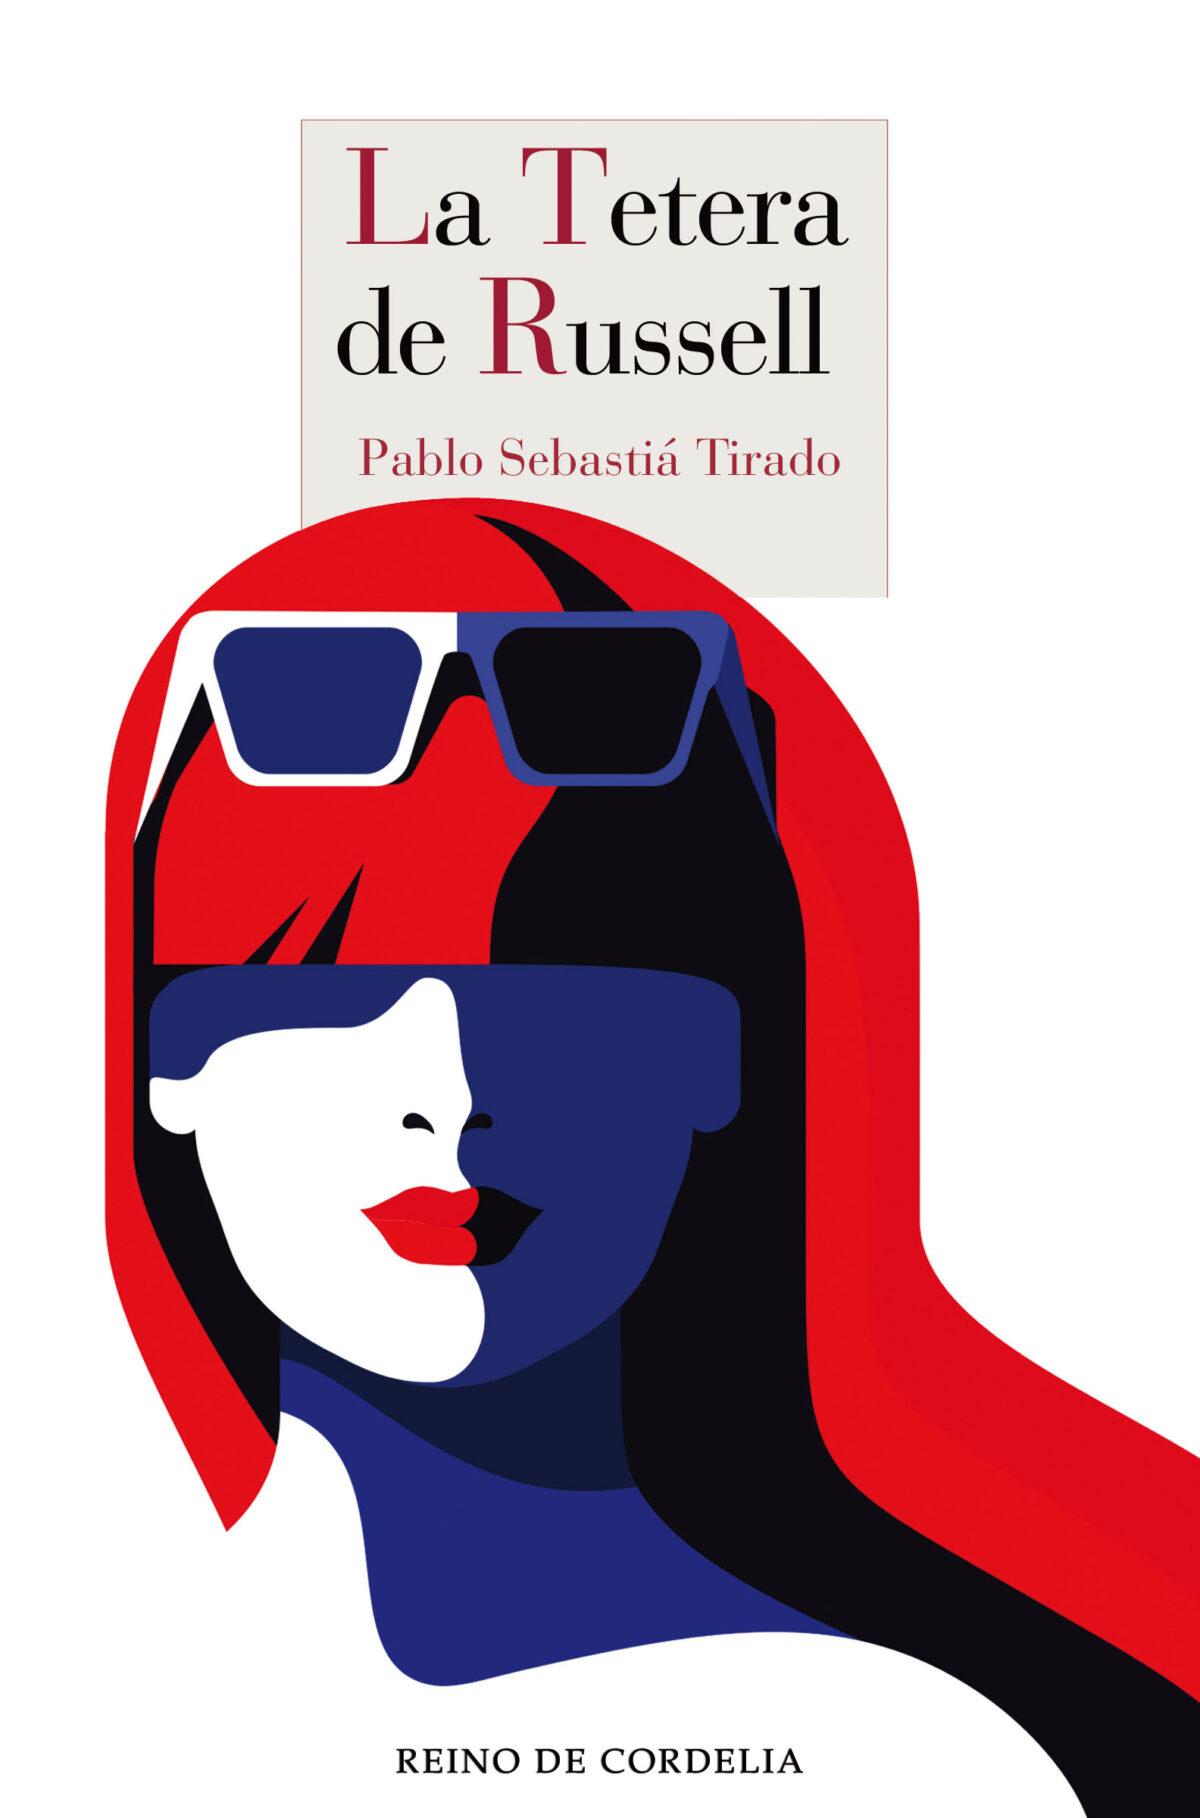 La tetera de Russell